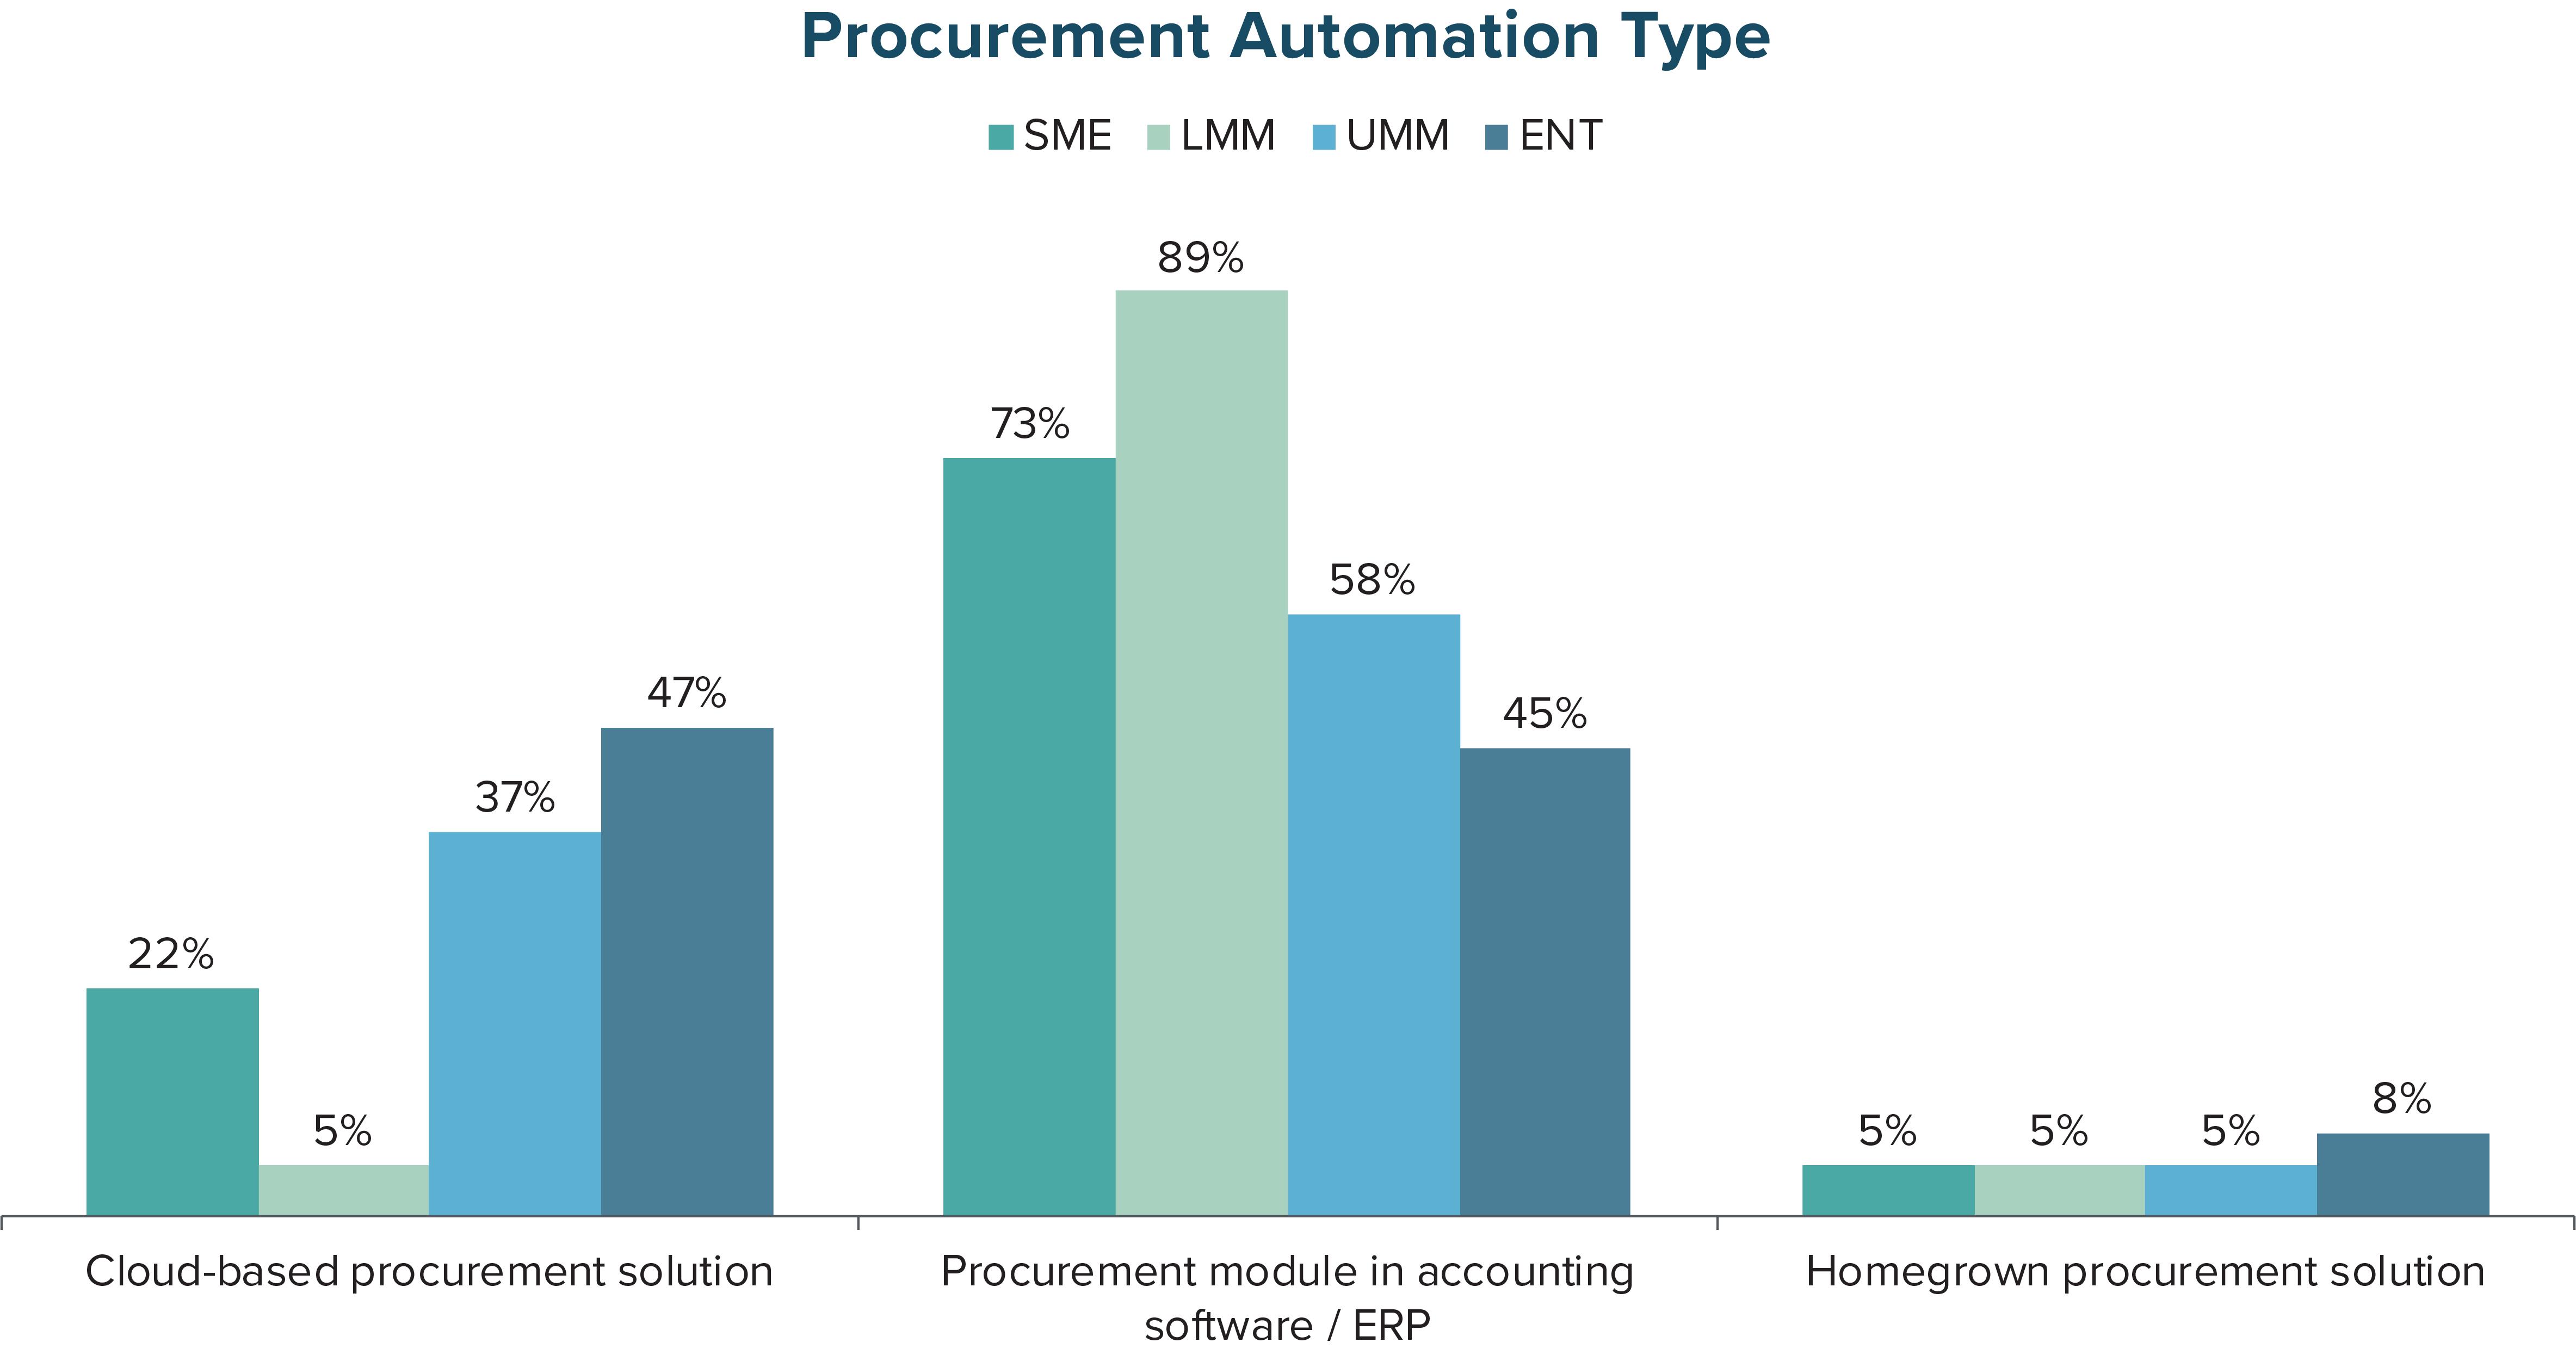 Procurement Automation Type